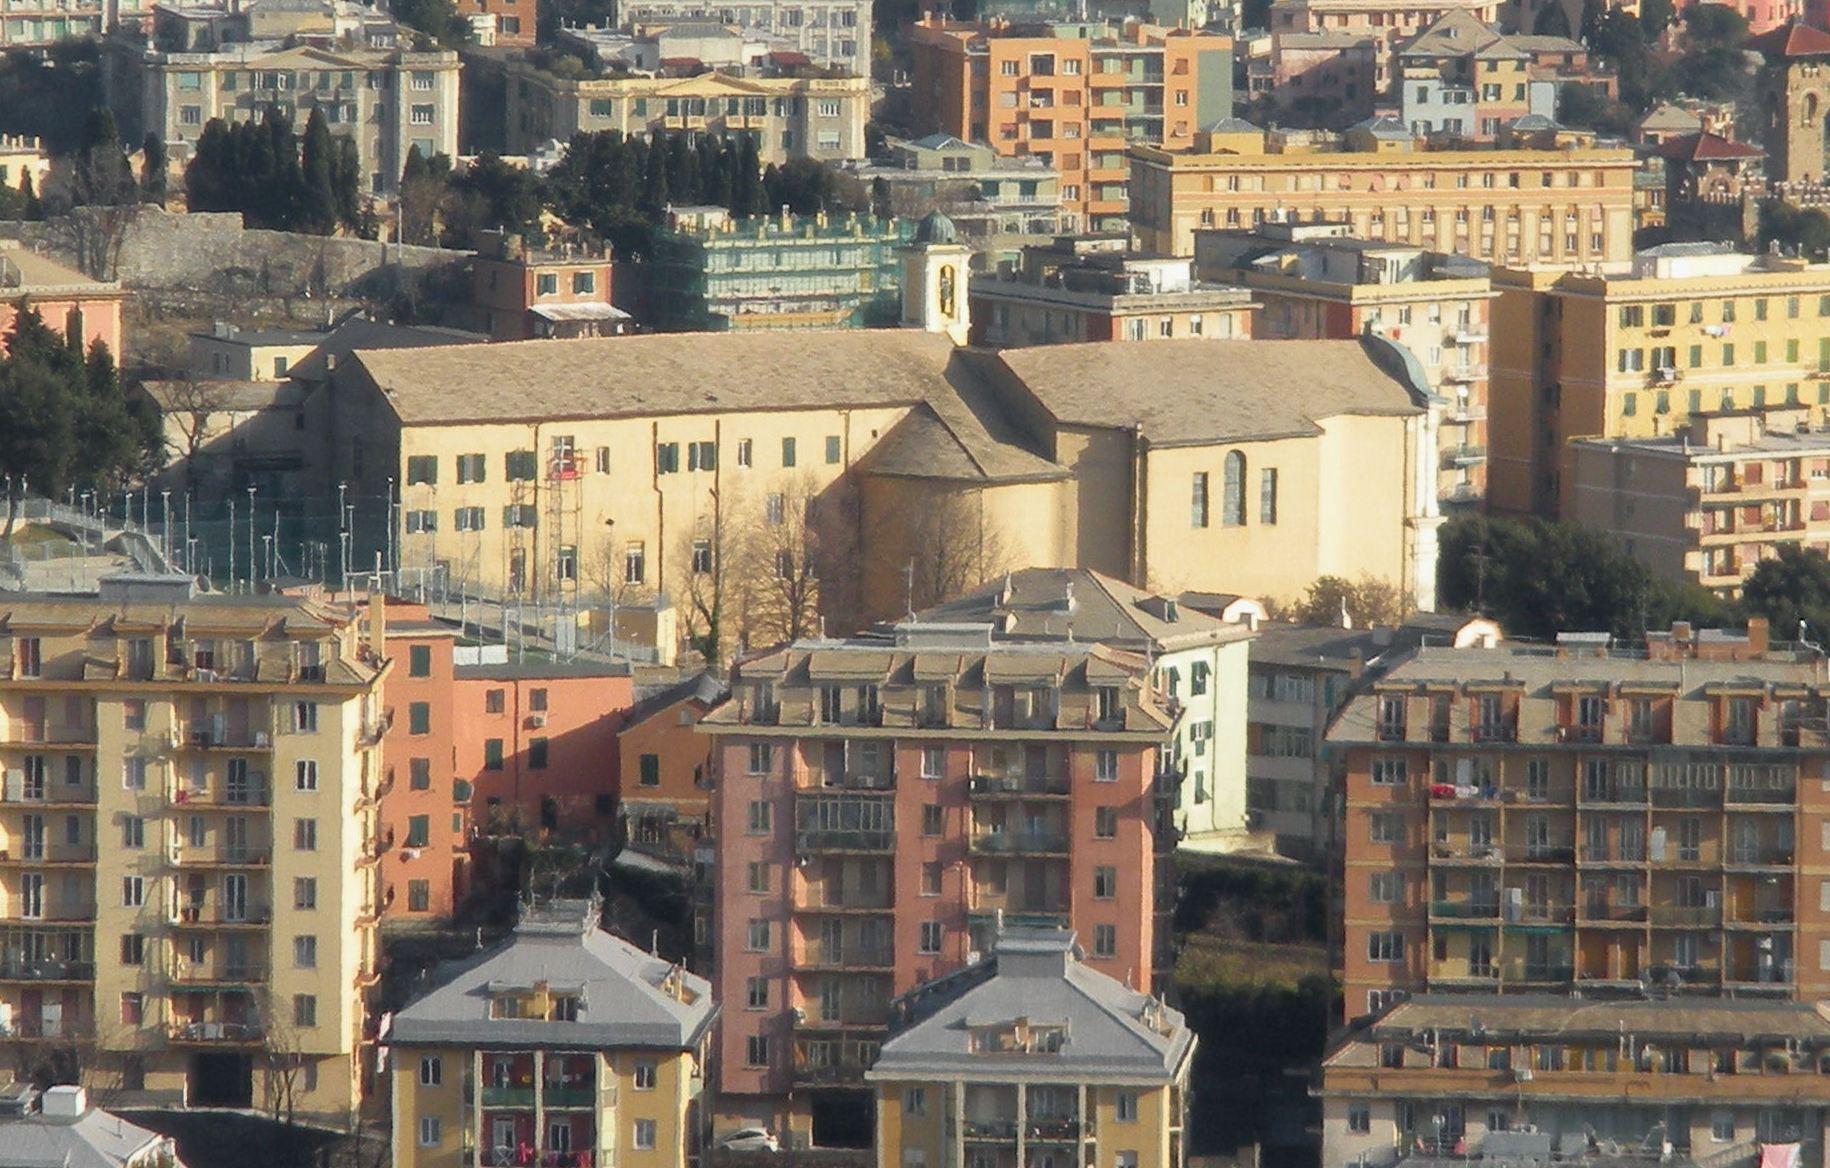 Inno - Il quartiere genovese di Oregina, dove ebbe luogo la prima esecuzione dell'Inno nel 1847